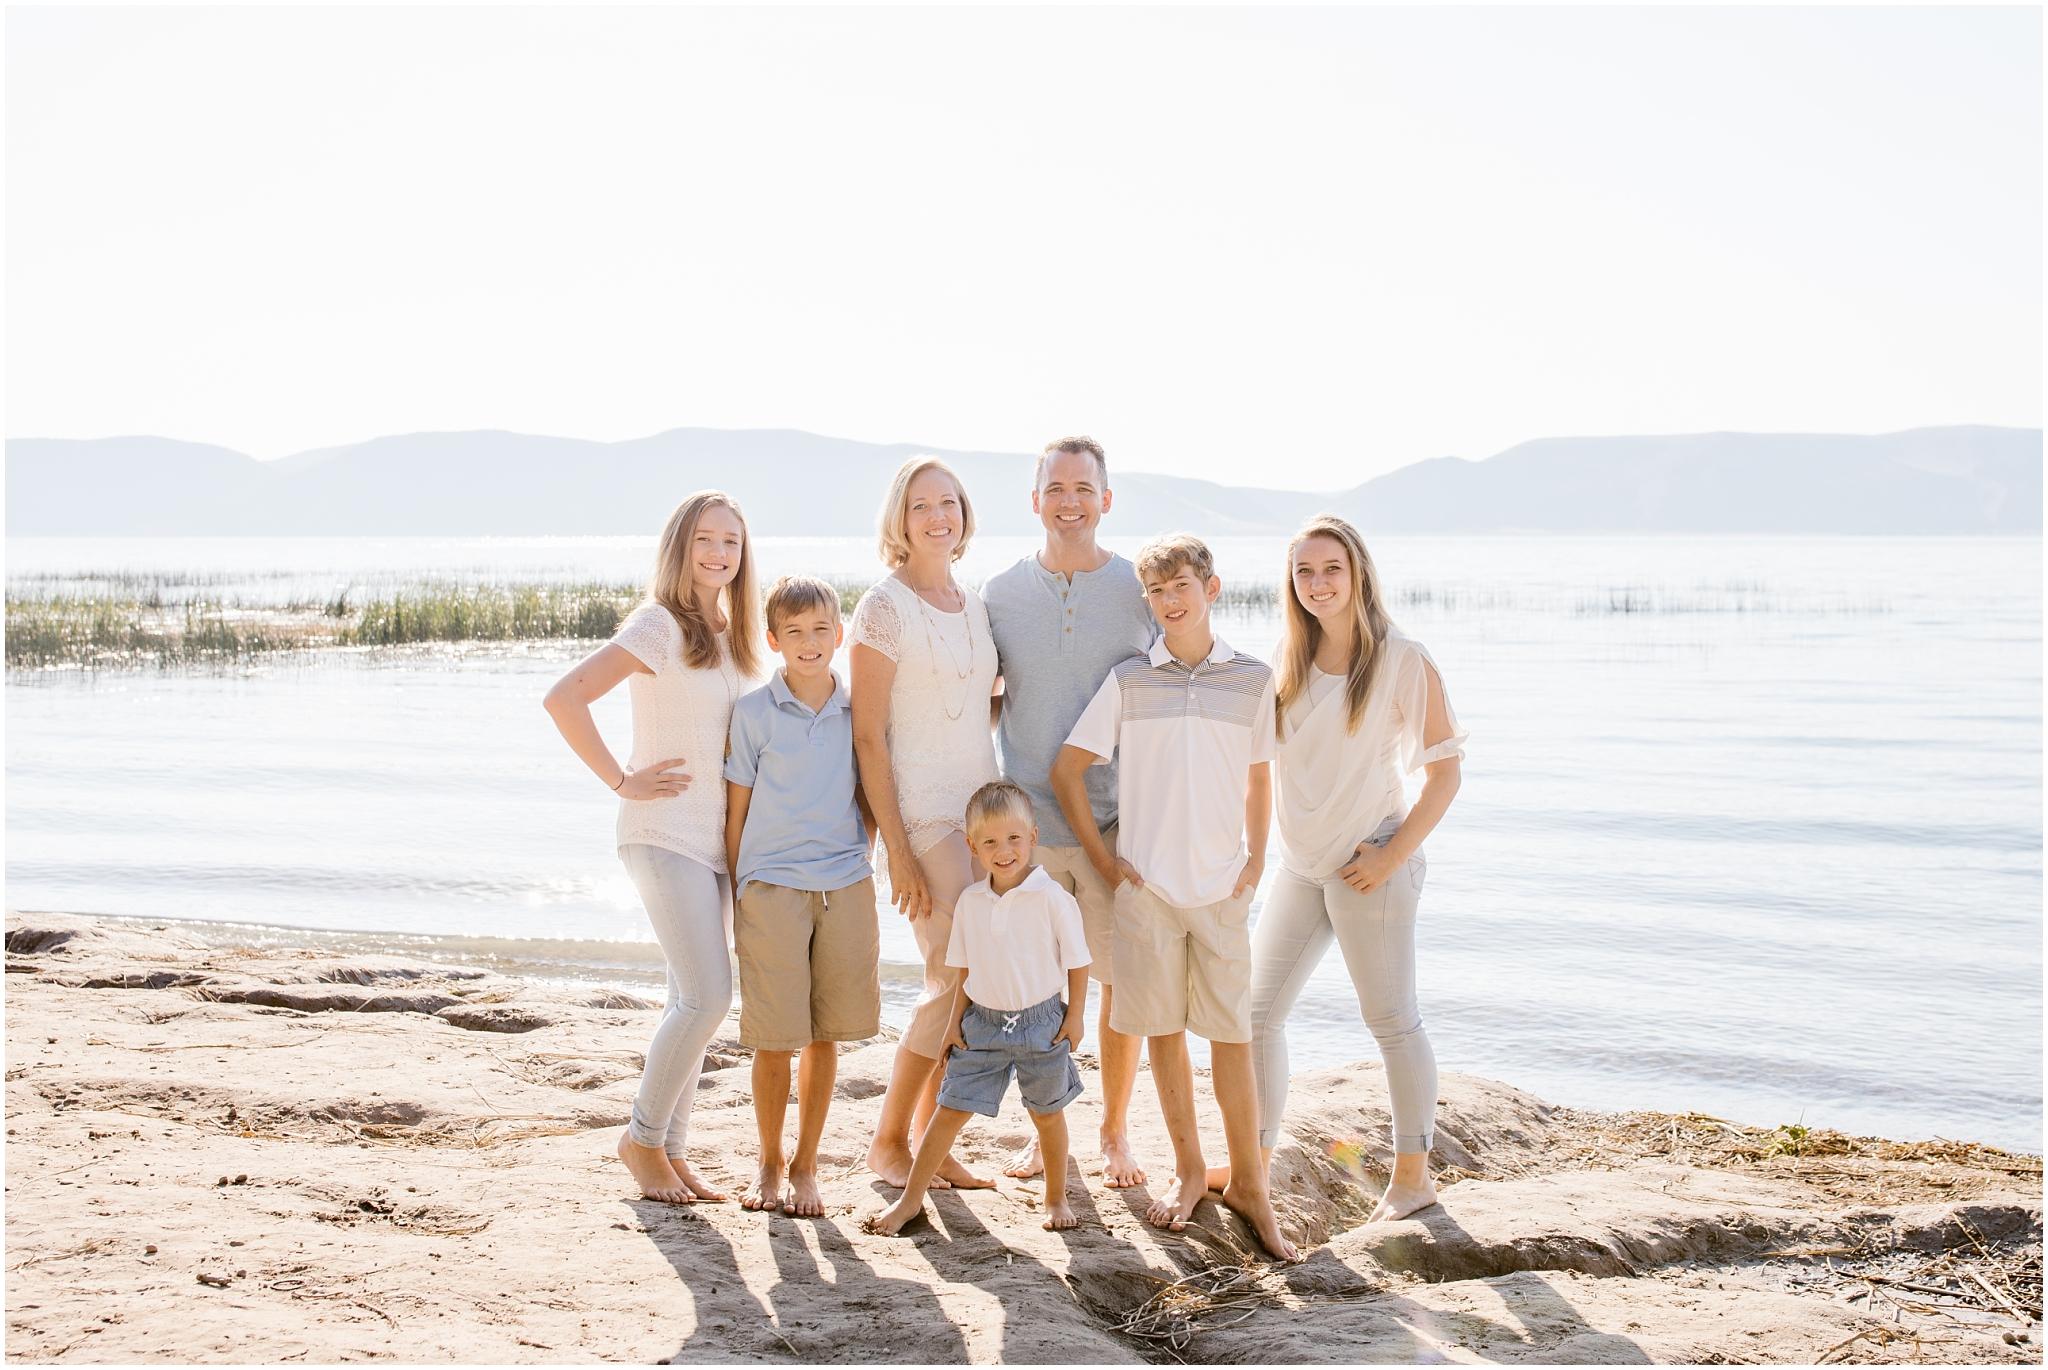 Harris-128_Lizzie-B-Imagery-Utah-Family-Photographer-Park-City-Salt-Lake-City-Bear-Lake-Idaho.jpg